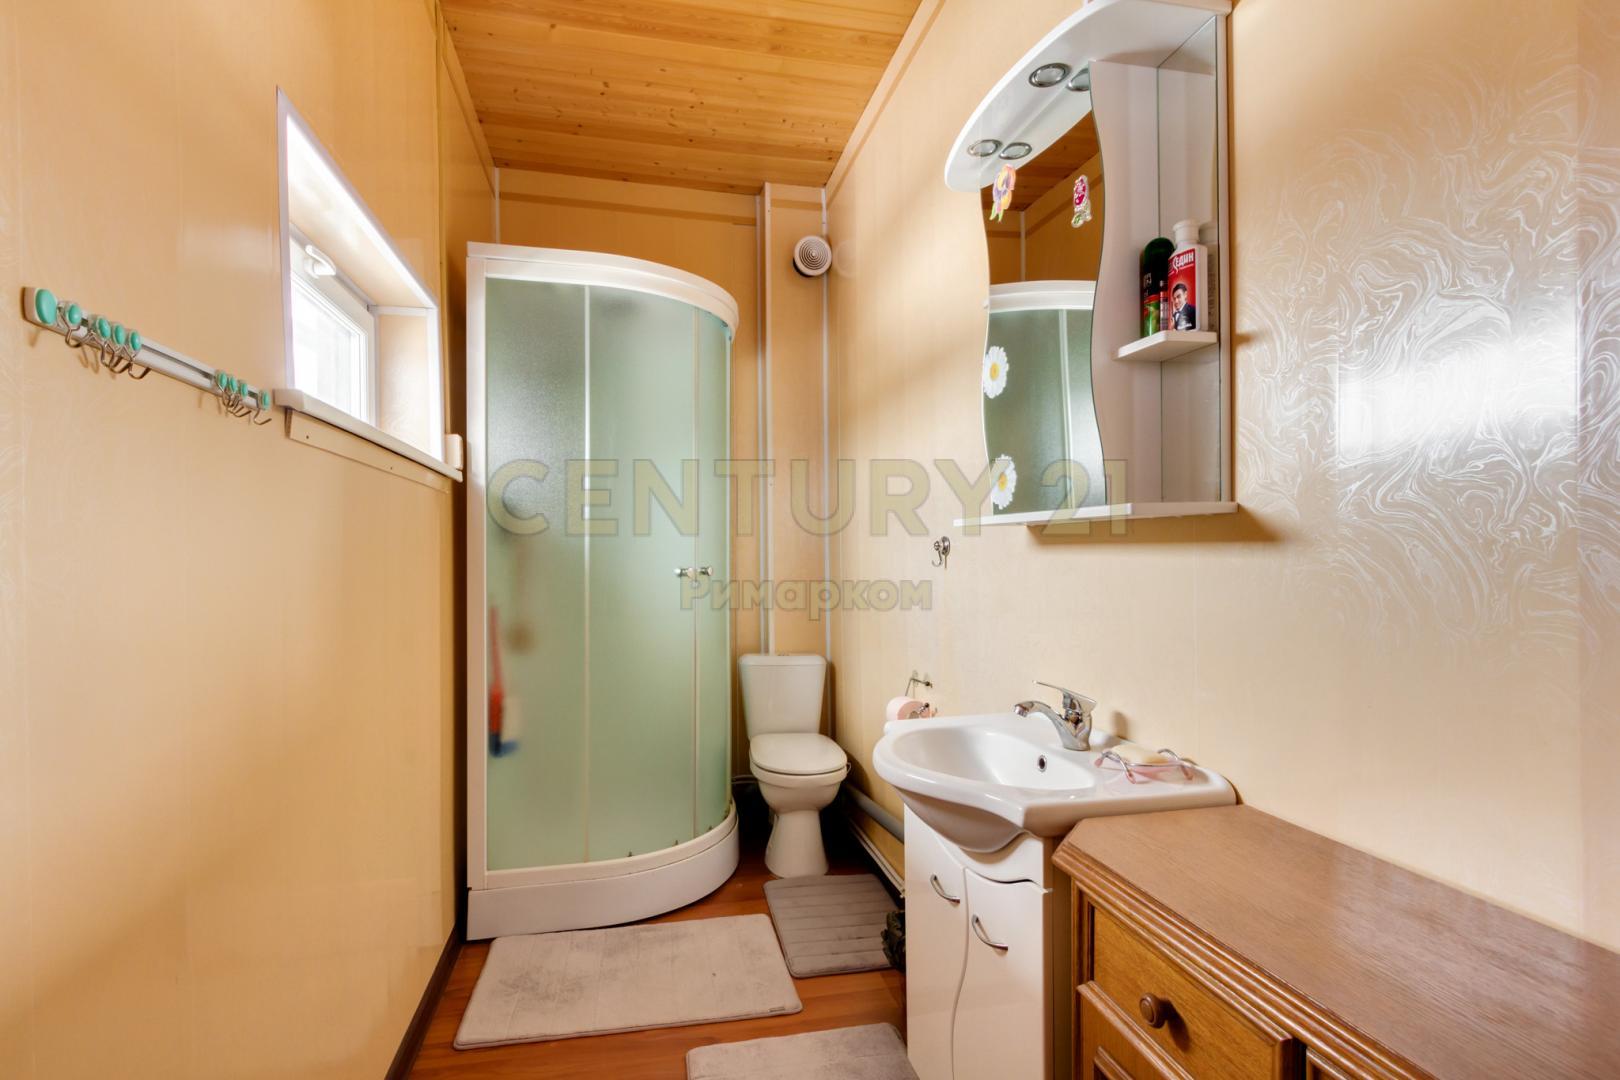 Продам дом по адресу Россия, Троицкий административный округ, Каменка фото 19 по выгодной цене